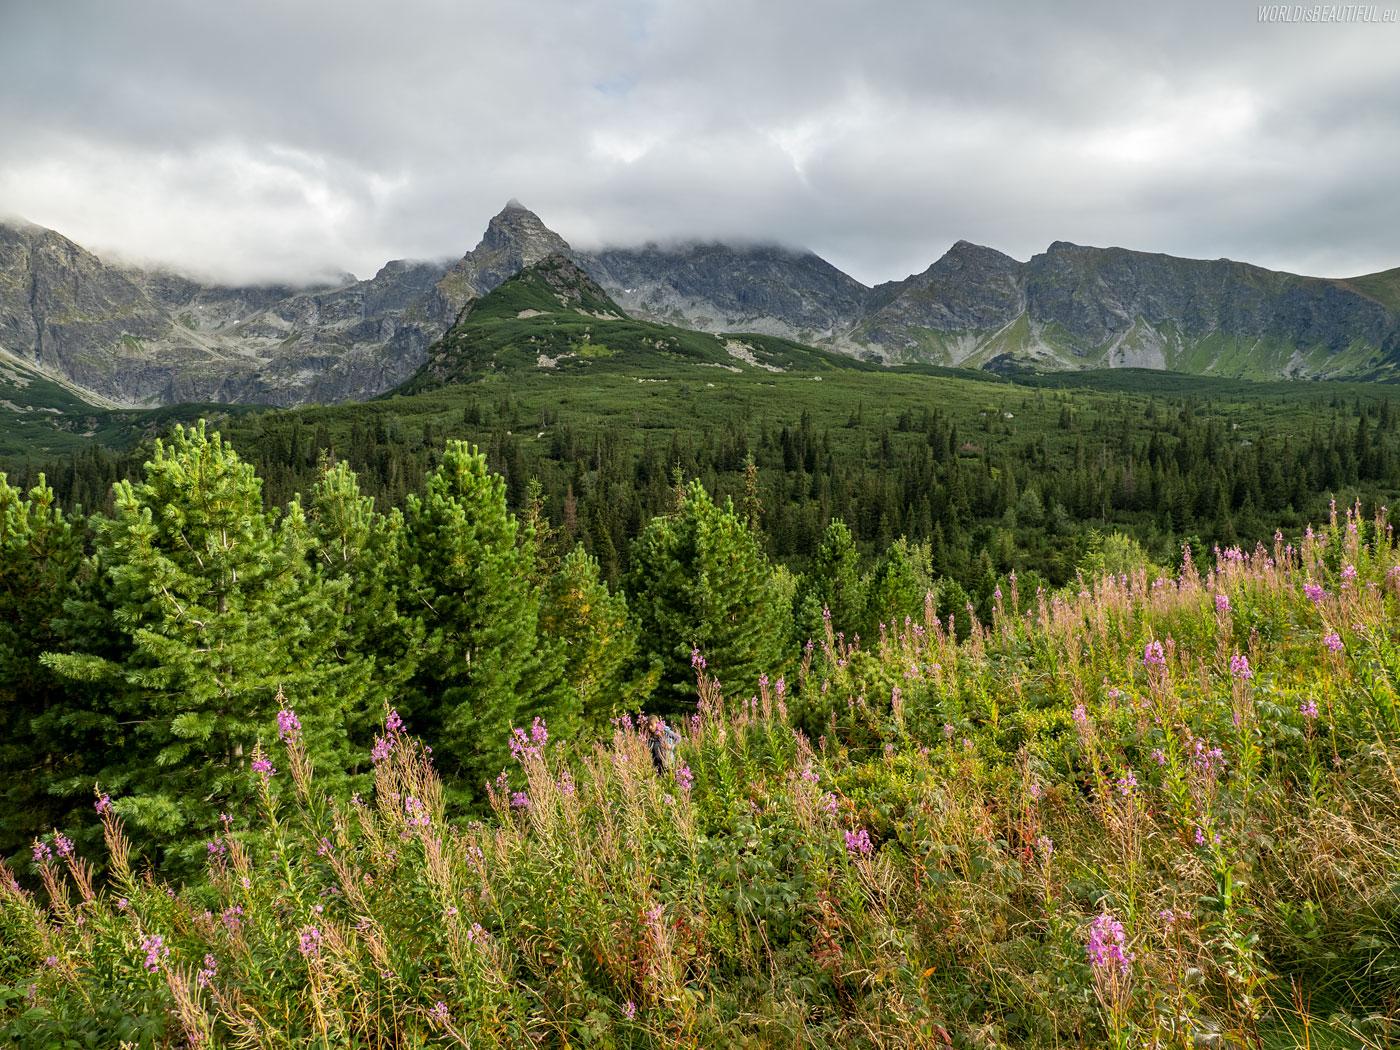 Zejście żółtym szlakiem do Doliny Gąsienicowej